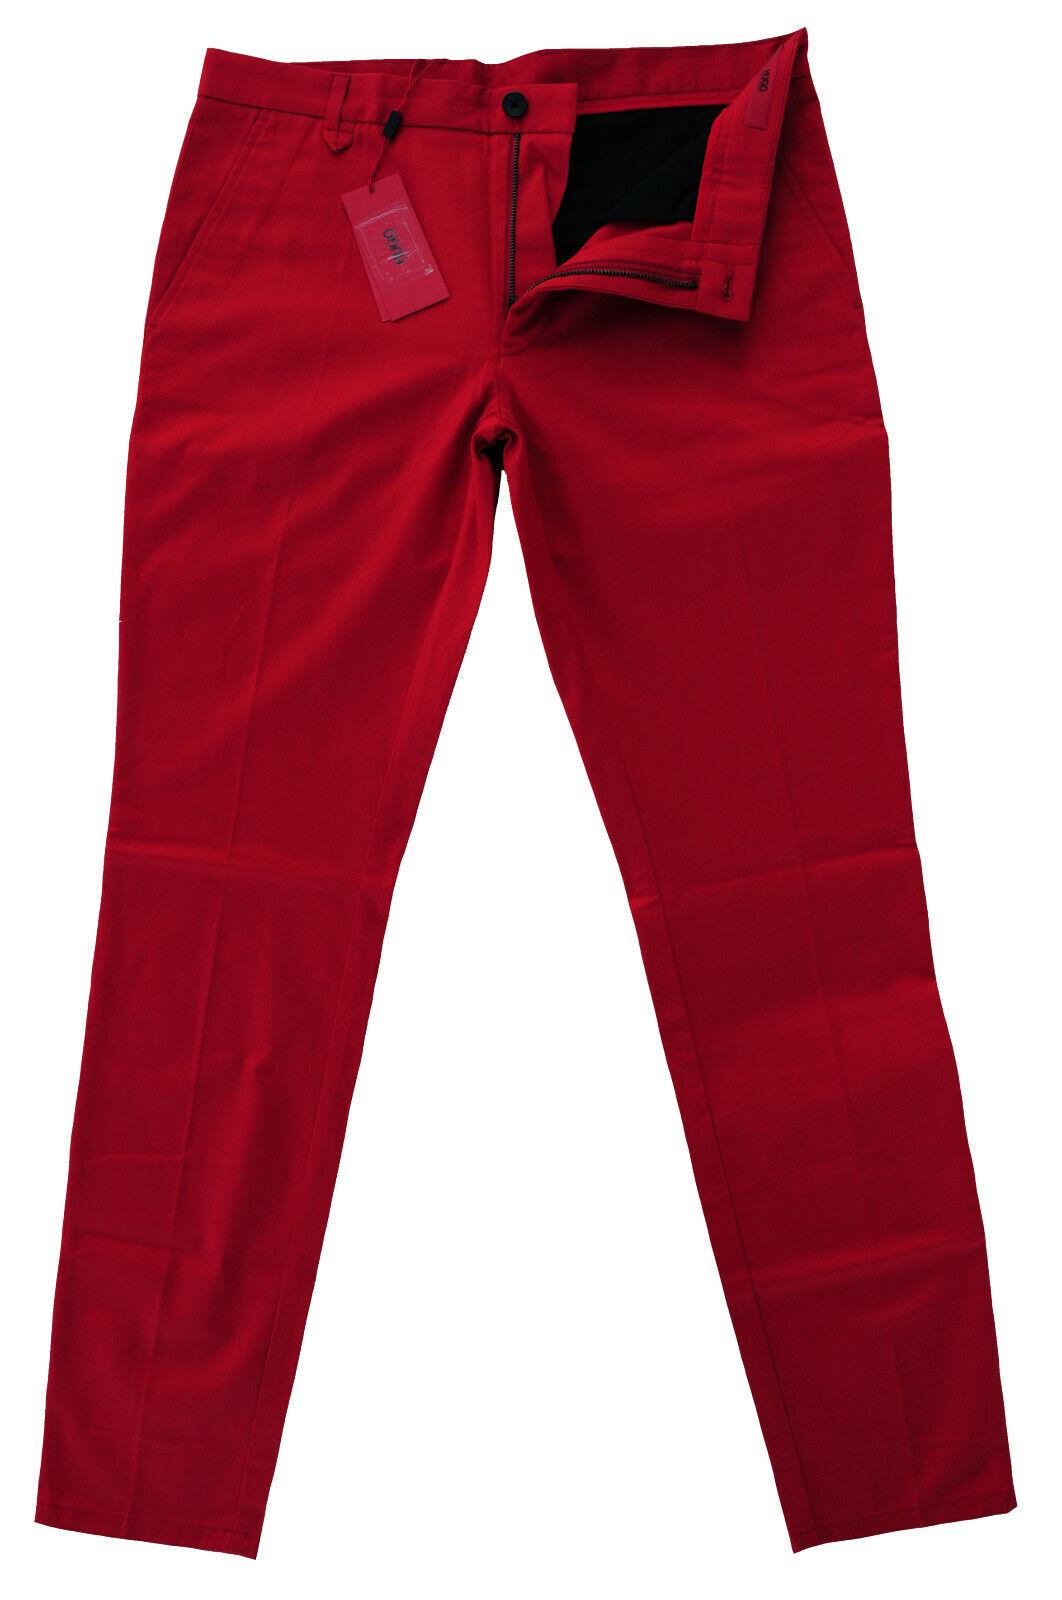 NEU Gr. 48 HUGO BOSS HELDOR2 MED-RED RED LABEL HOSE 50331253